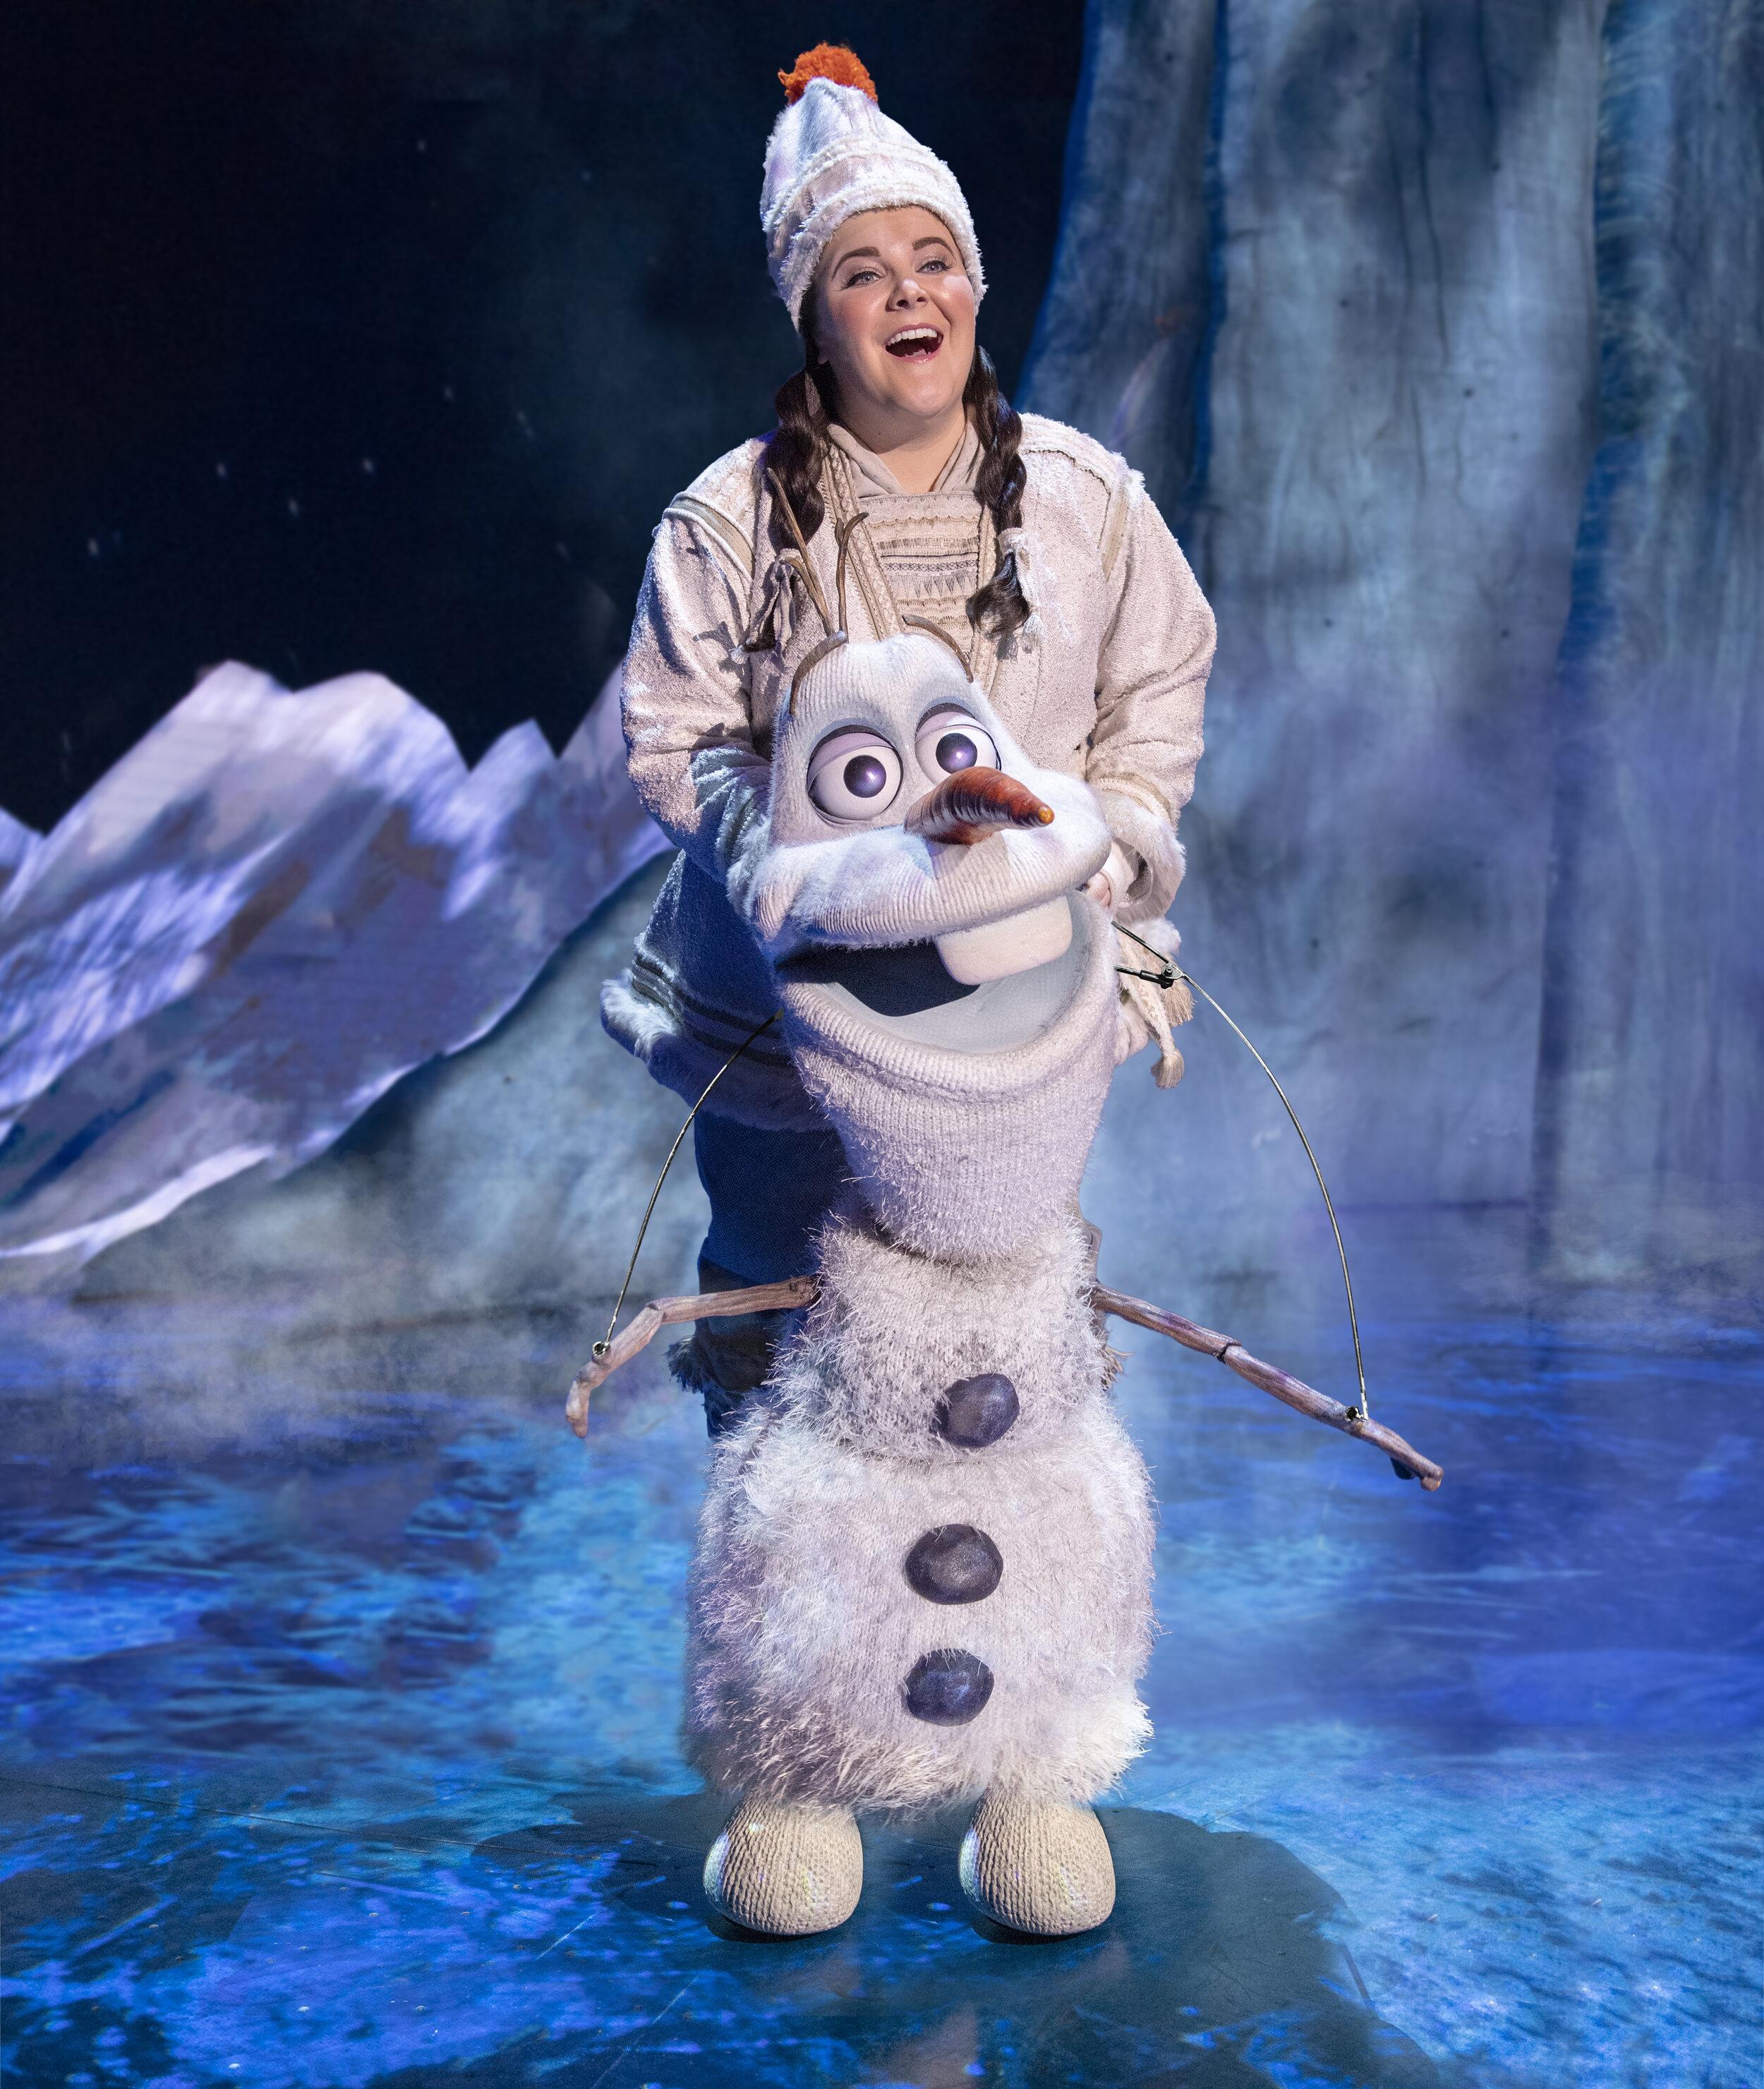 11-Ryann Redmond as OLAF in Frozen Broadway photo by Deen van Meer.jpg